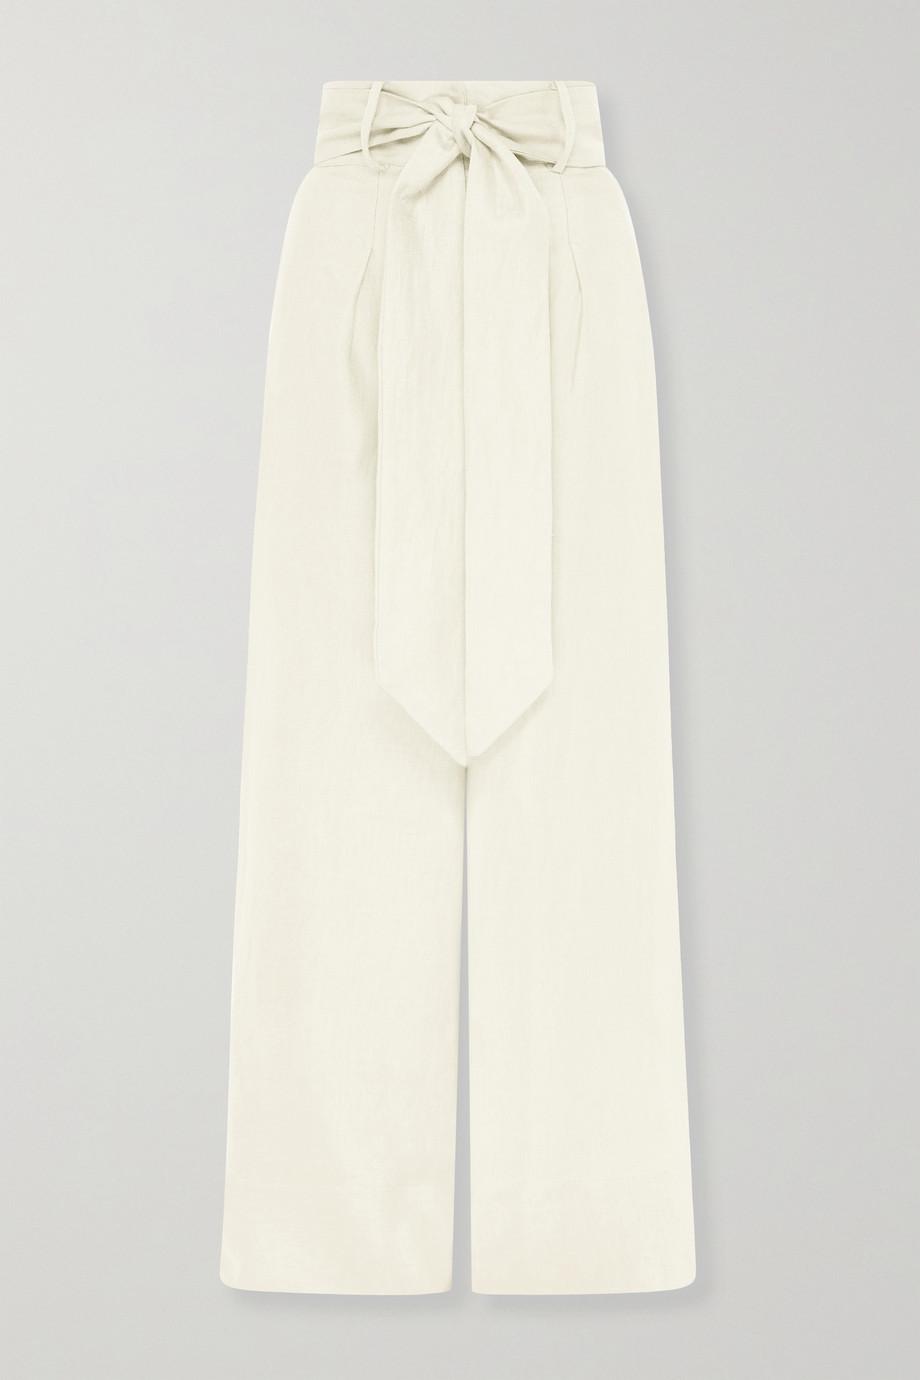 BONDI BORN + NET SUSTAIN Fancy belted linen-twill wide-leg pants